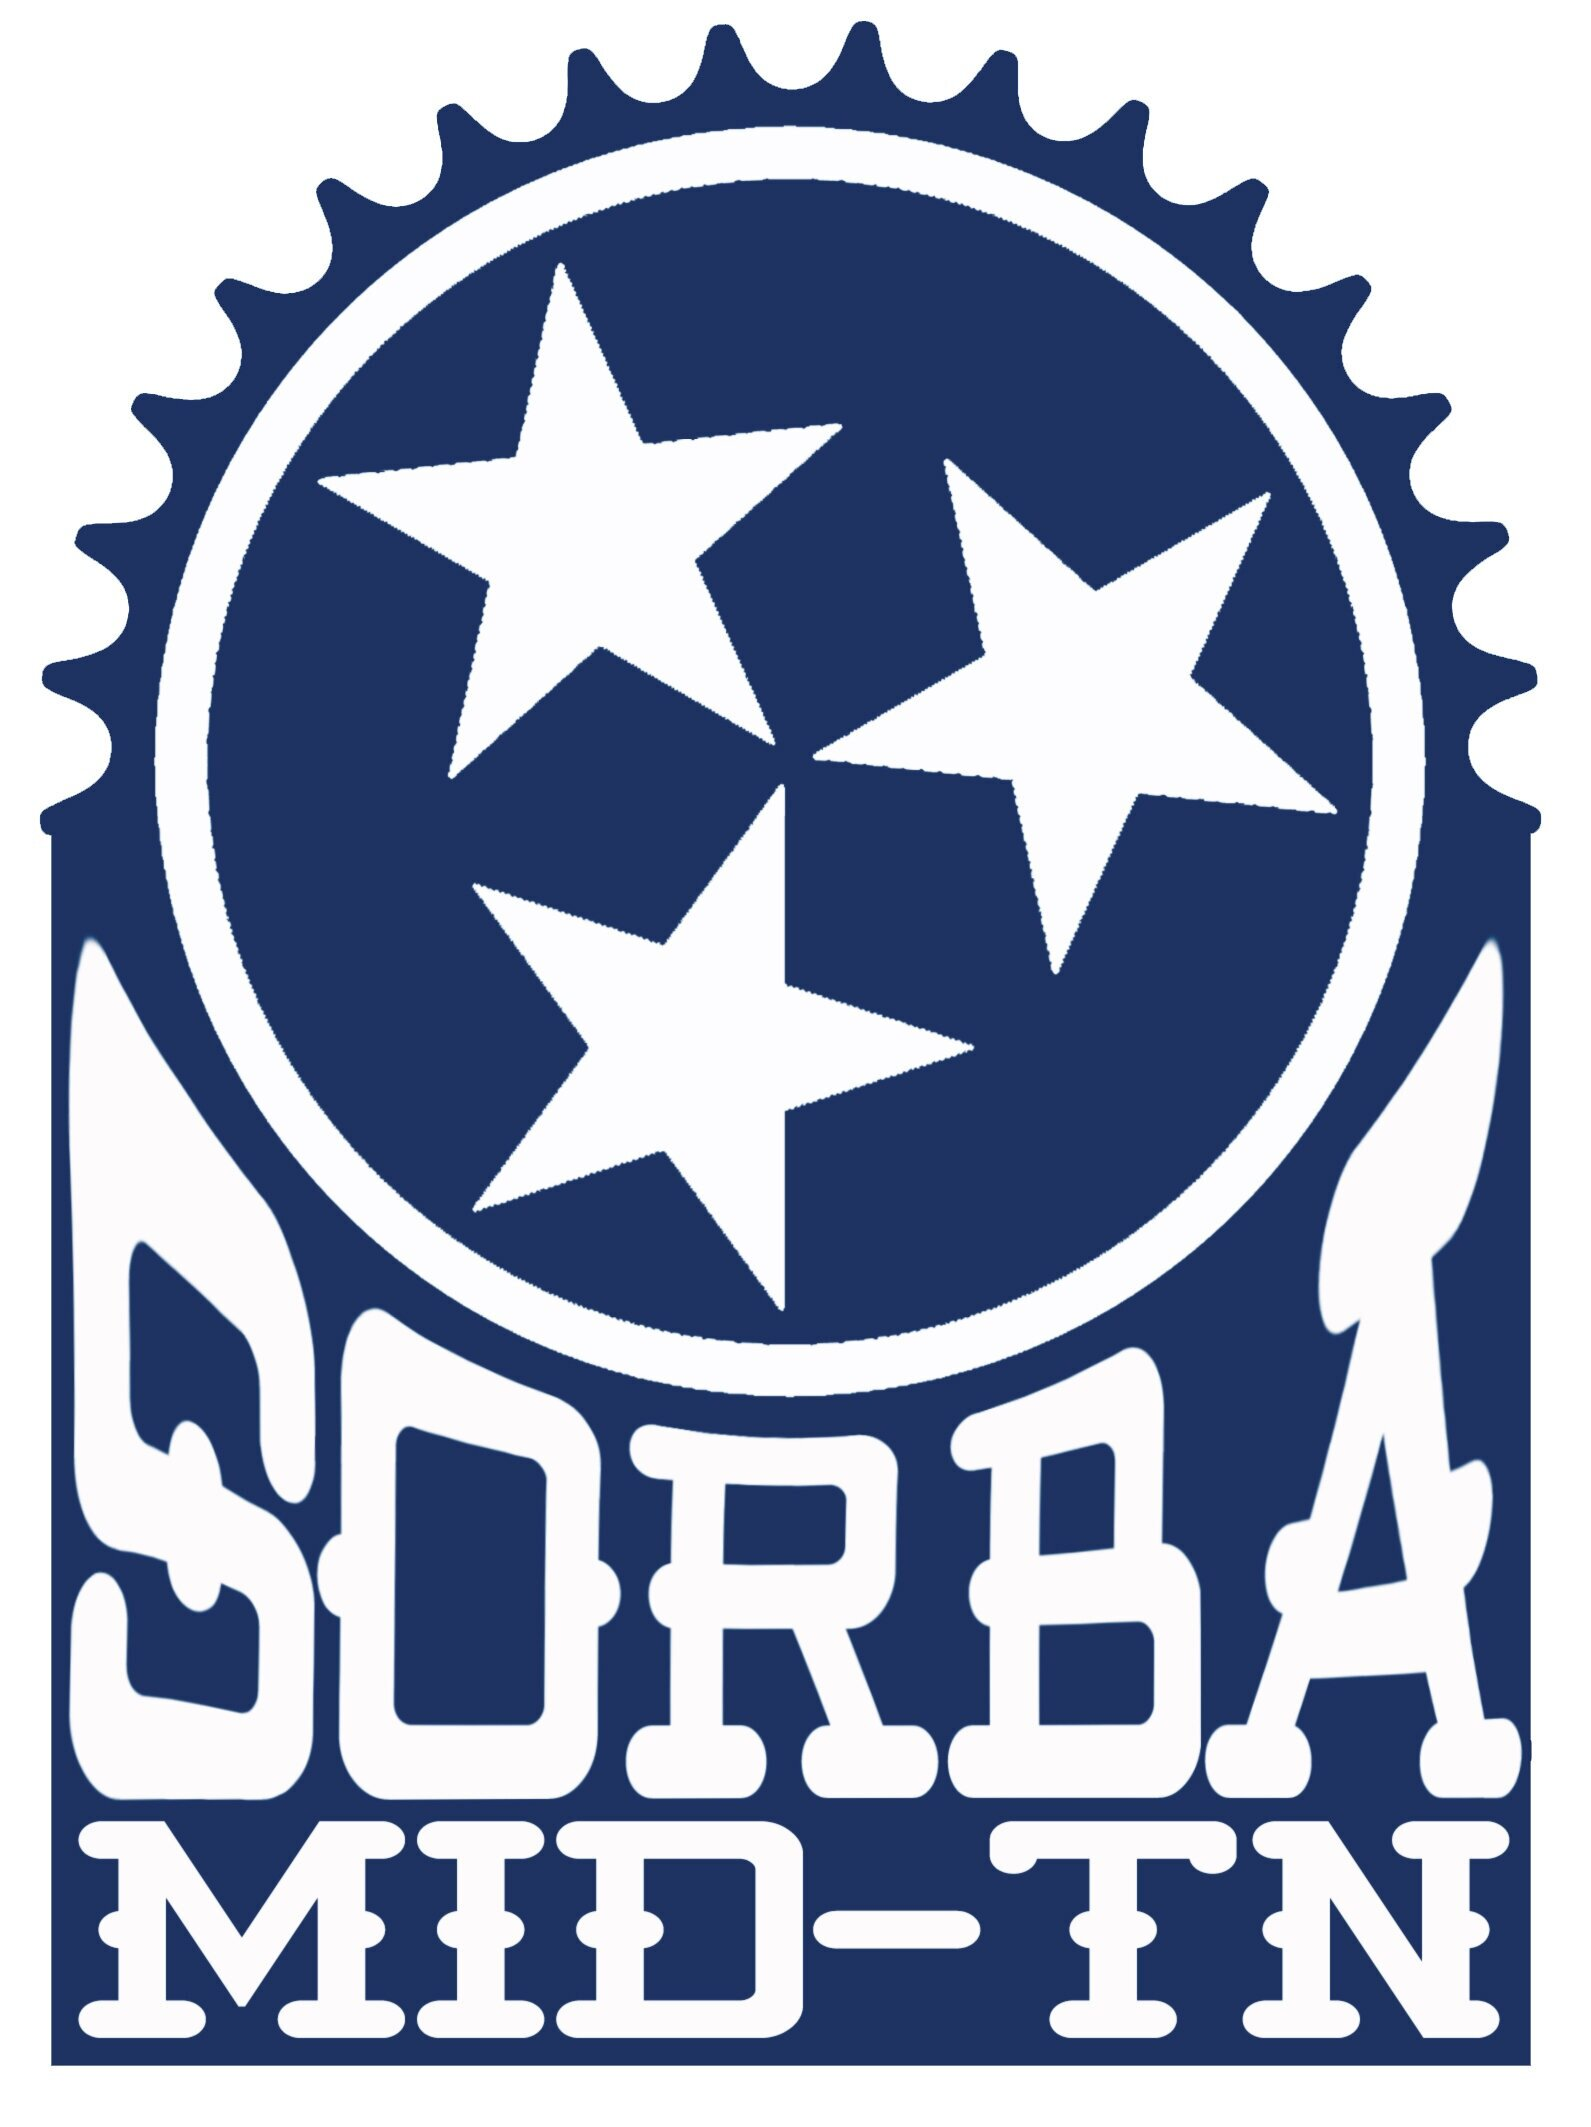 SORBAmidTN-logo.jpg